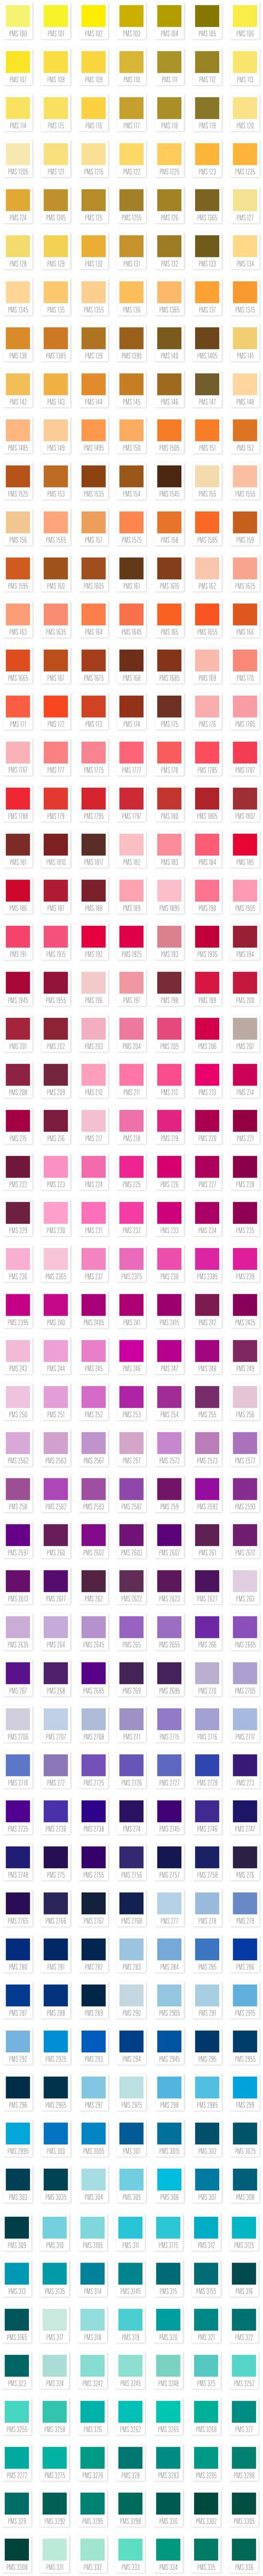 to get - Crazy Color Nuancier